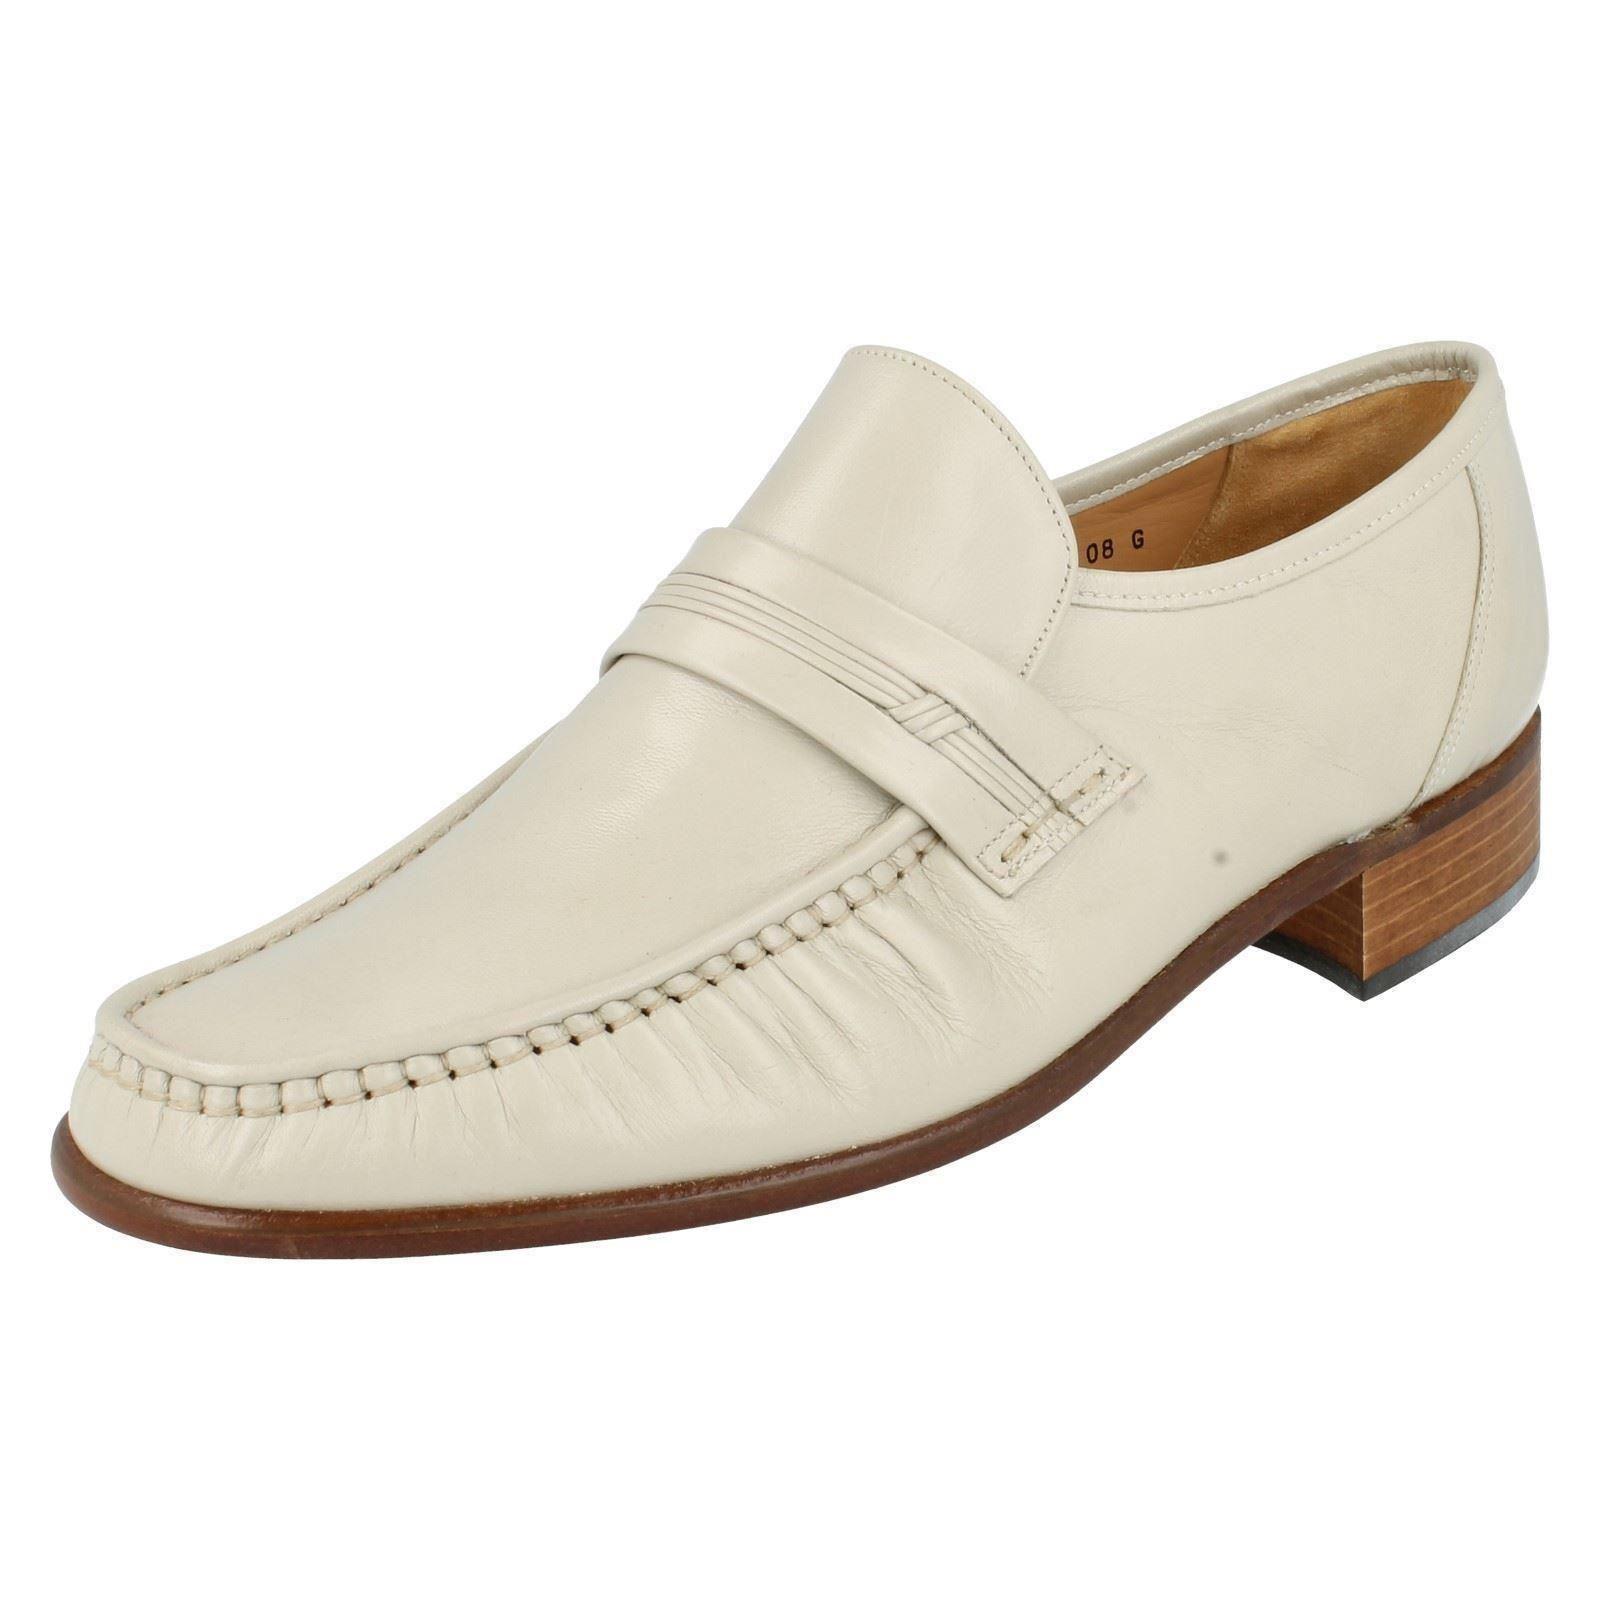 Clapham Herren Grenson Slipper Leder Mokassin Stil Feierlichen Feierlichen Feierlichen Anlass Schuhe d1c443